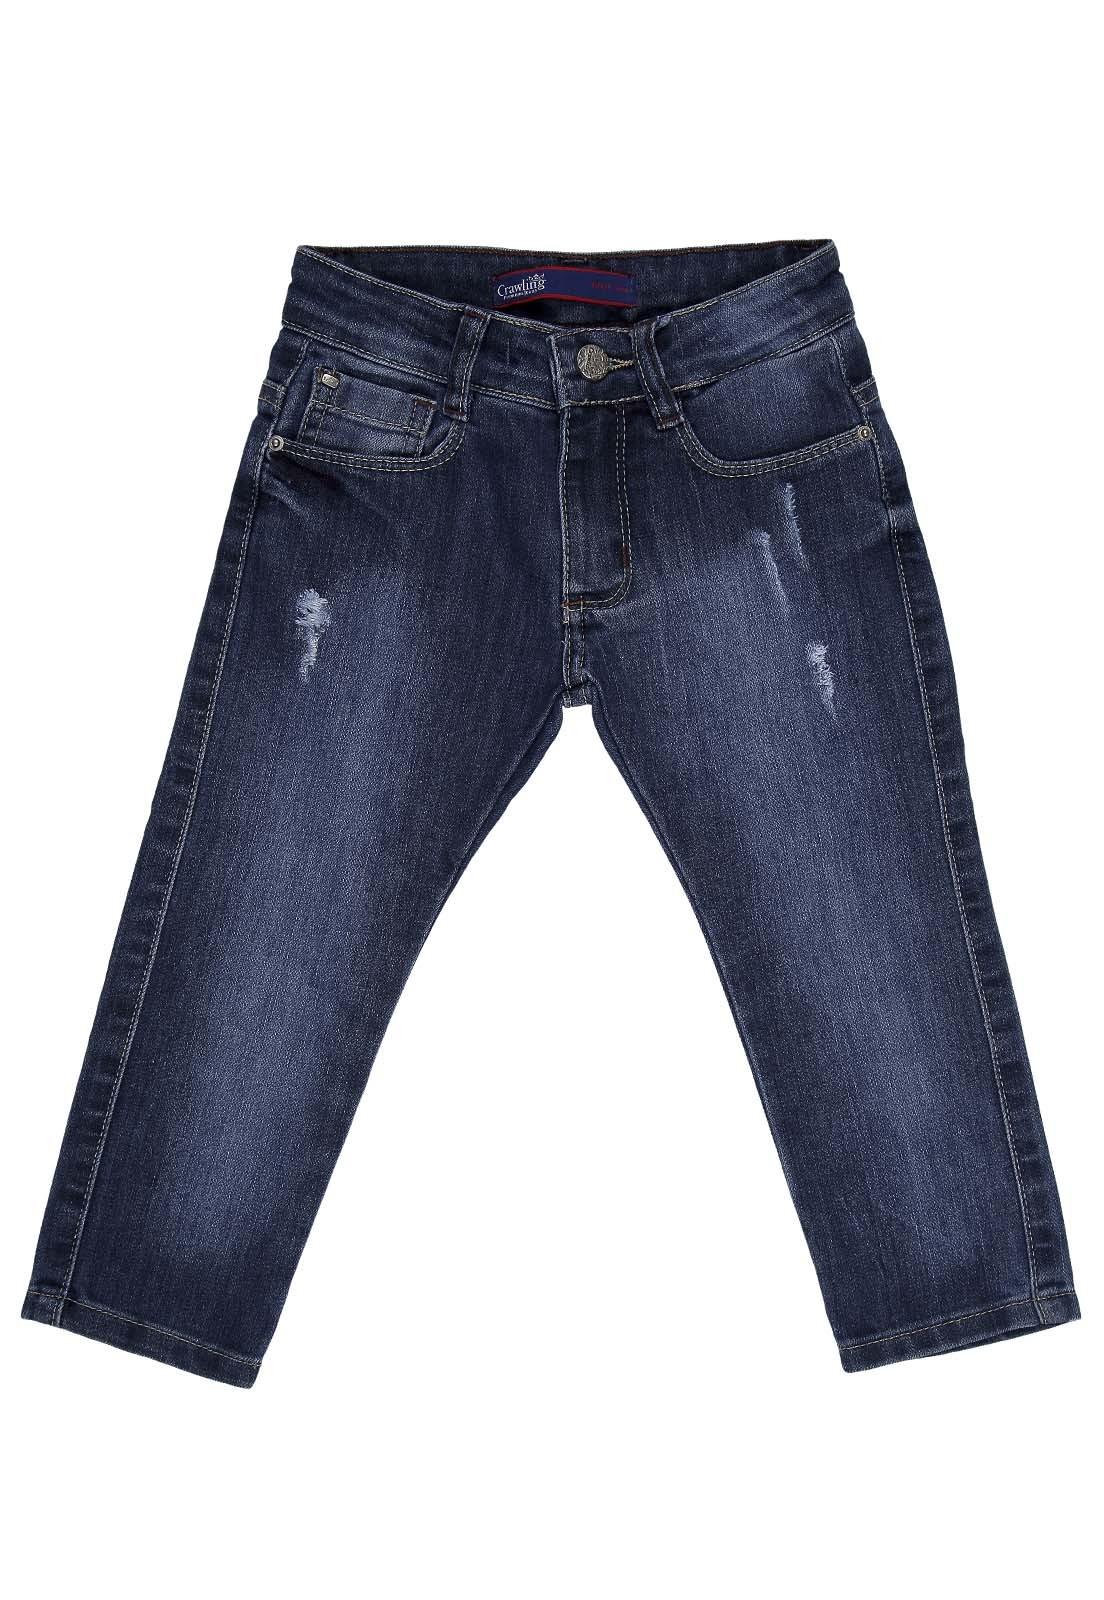 Calça Jeans Crawling Skinny Masculina